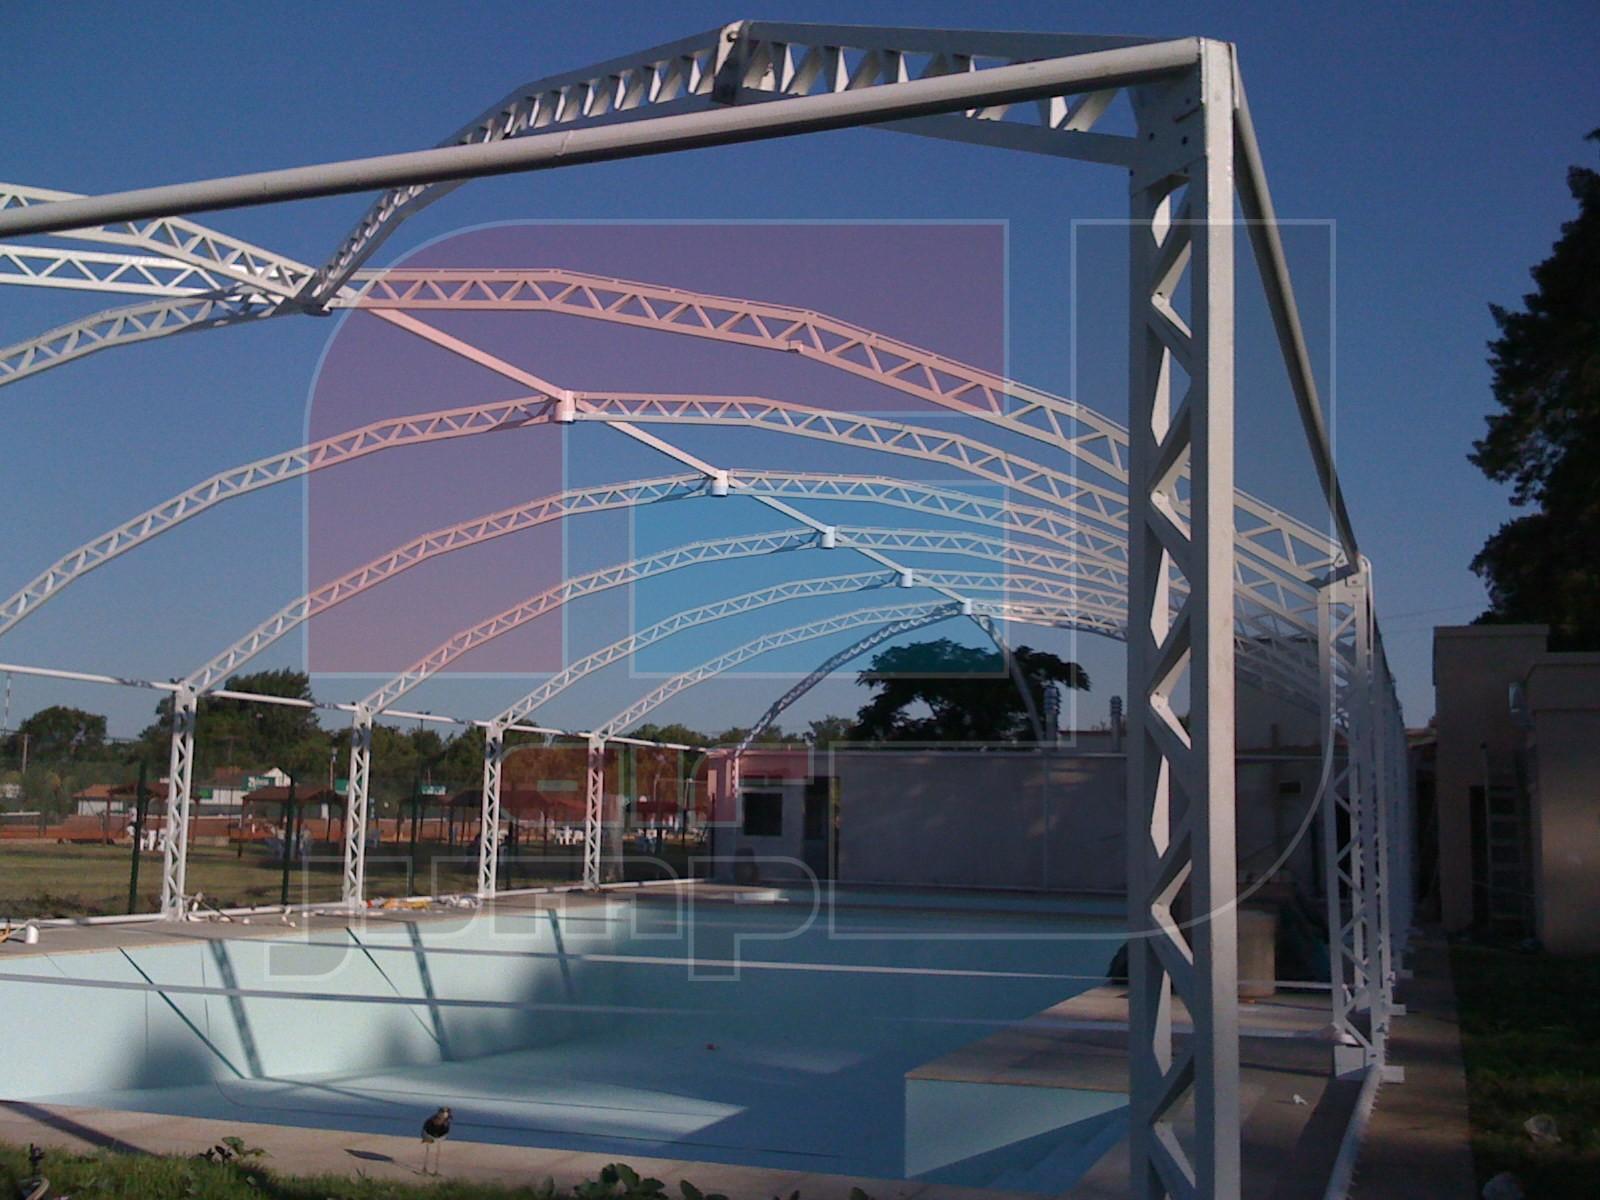 natatorio cañuelas 007